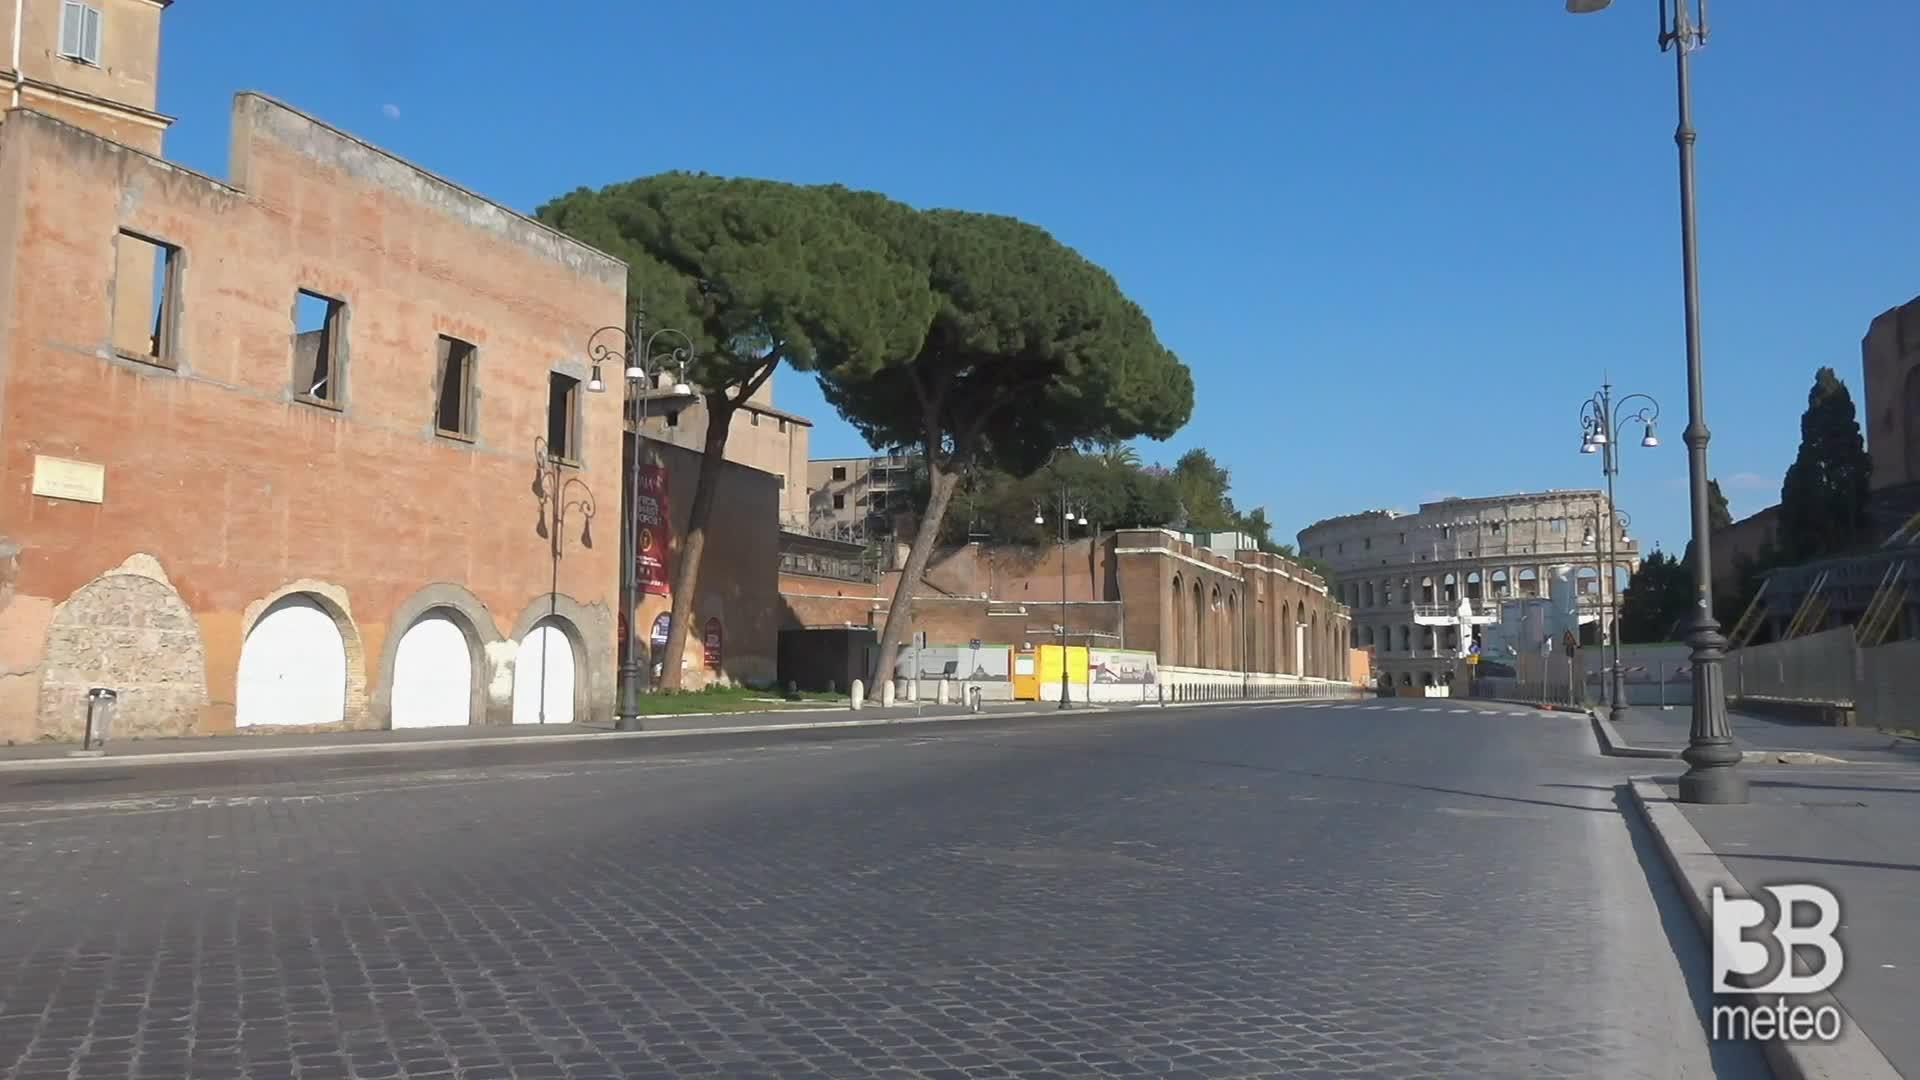 Coronavirus, Roma deserta: i luoghi simbolo della città